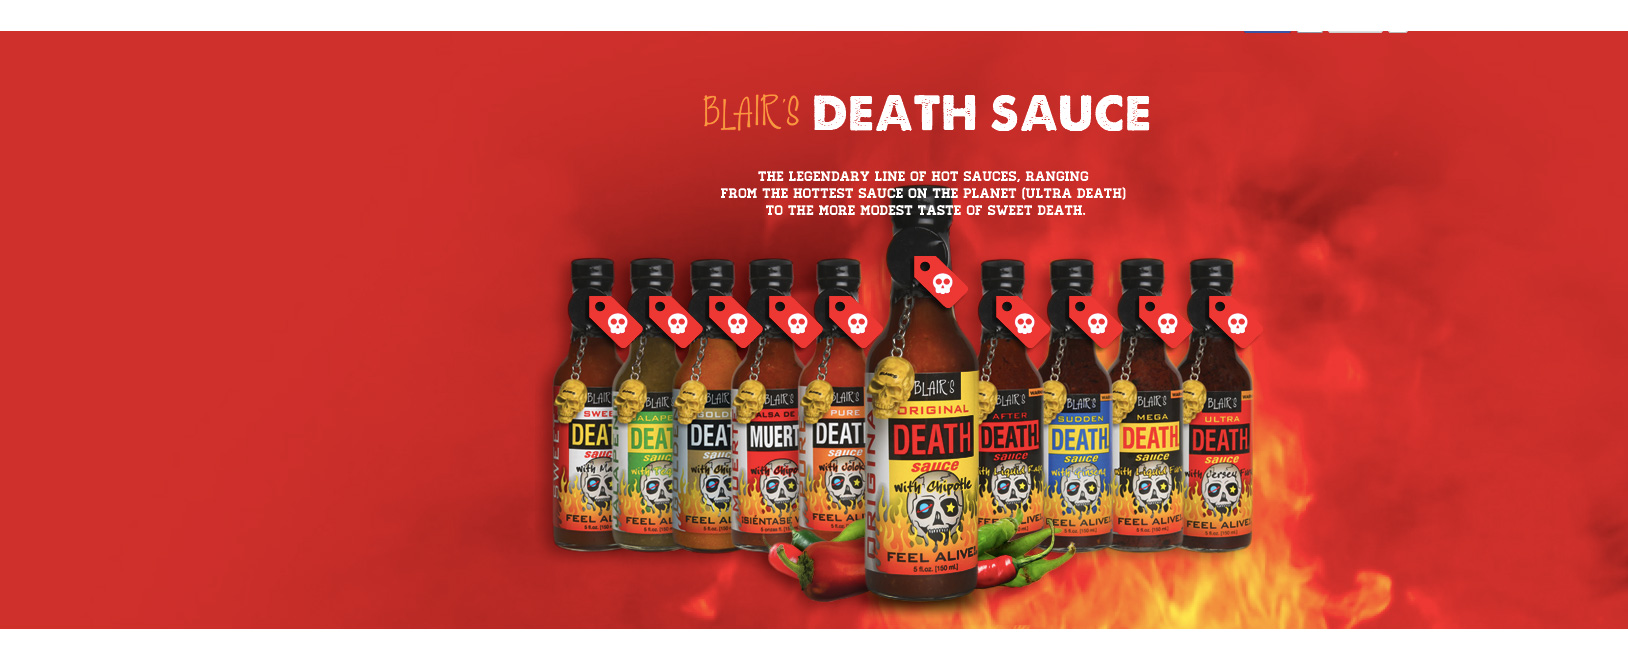 Image les sauces blair's